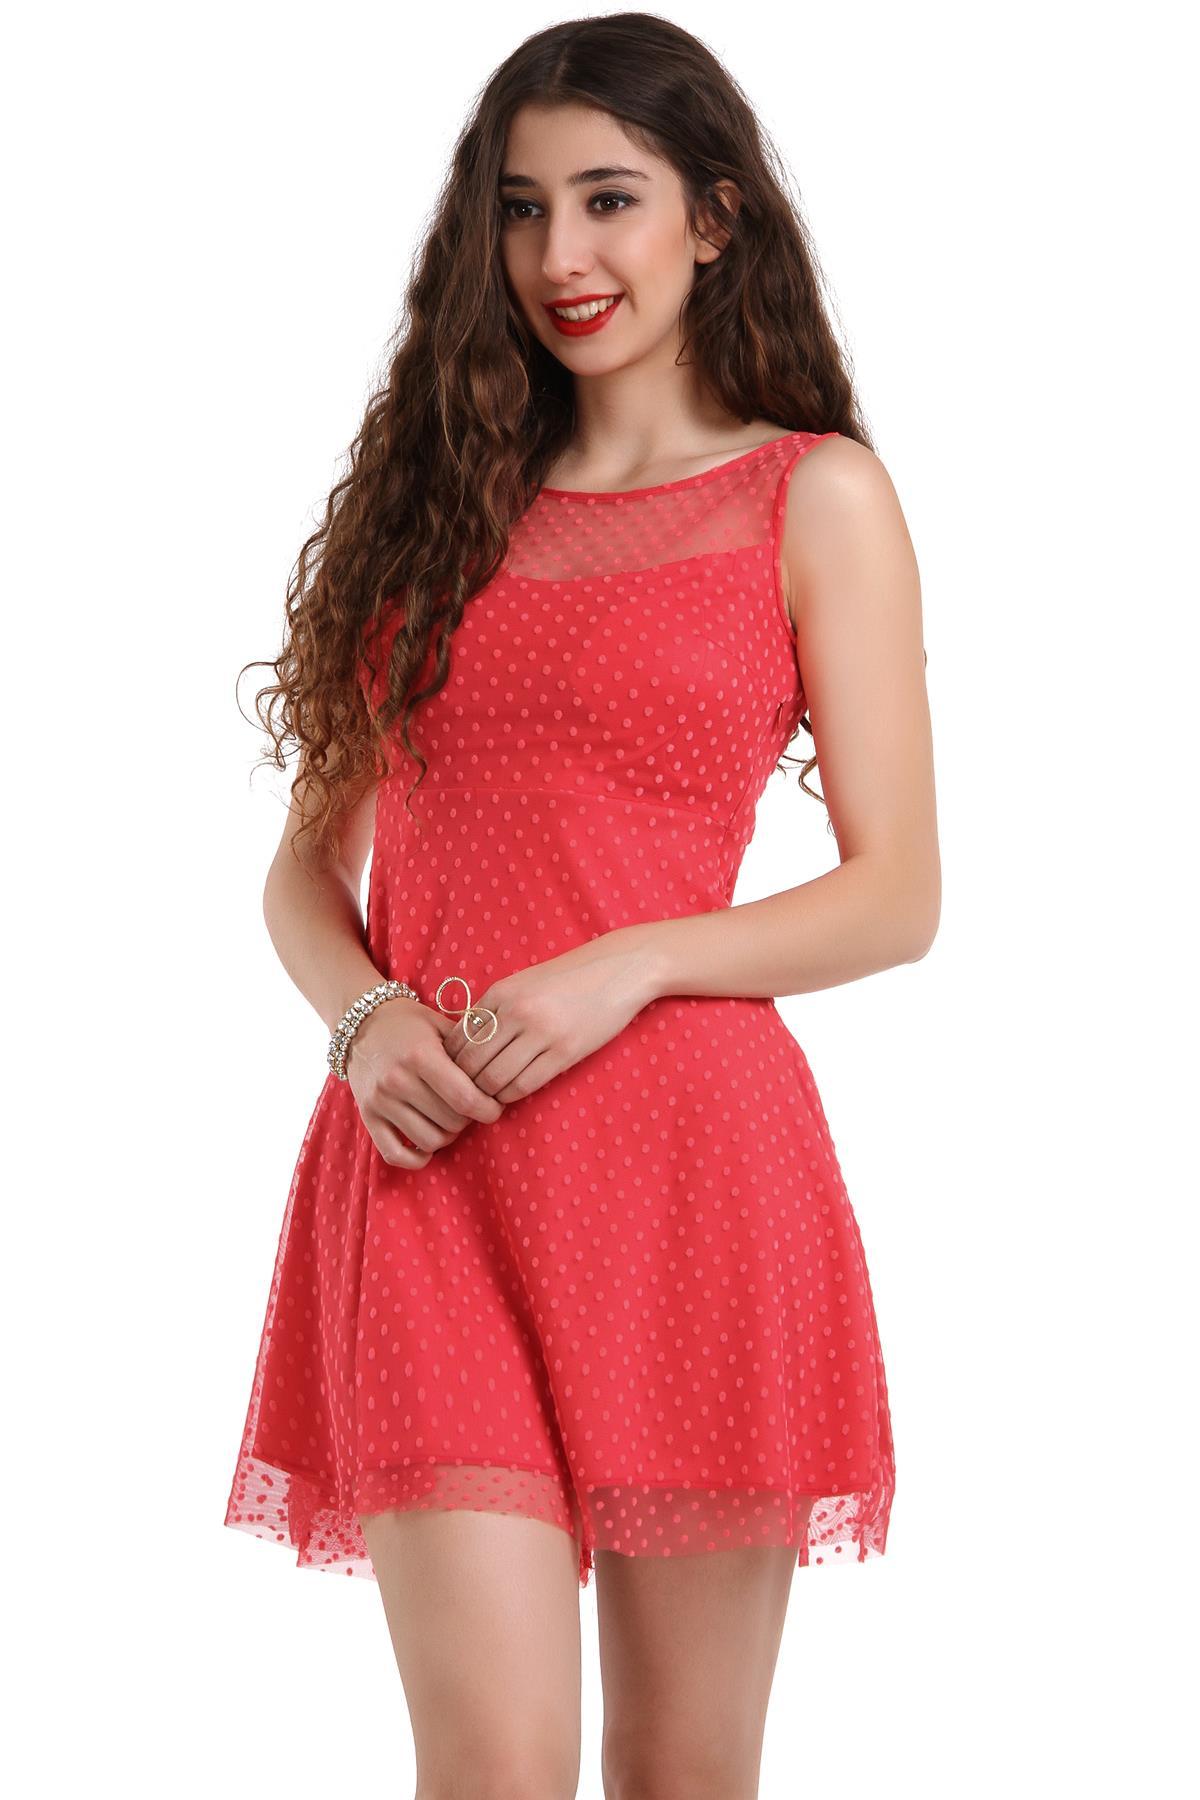 20cbf60c449b1 Kırmızı Renkli Mini Patırtı Giyim Yazlık Elbise Modelleri 2016 »